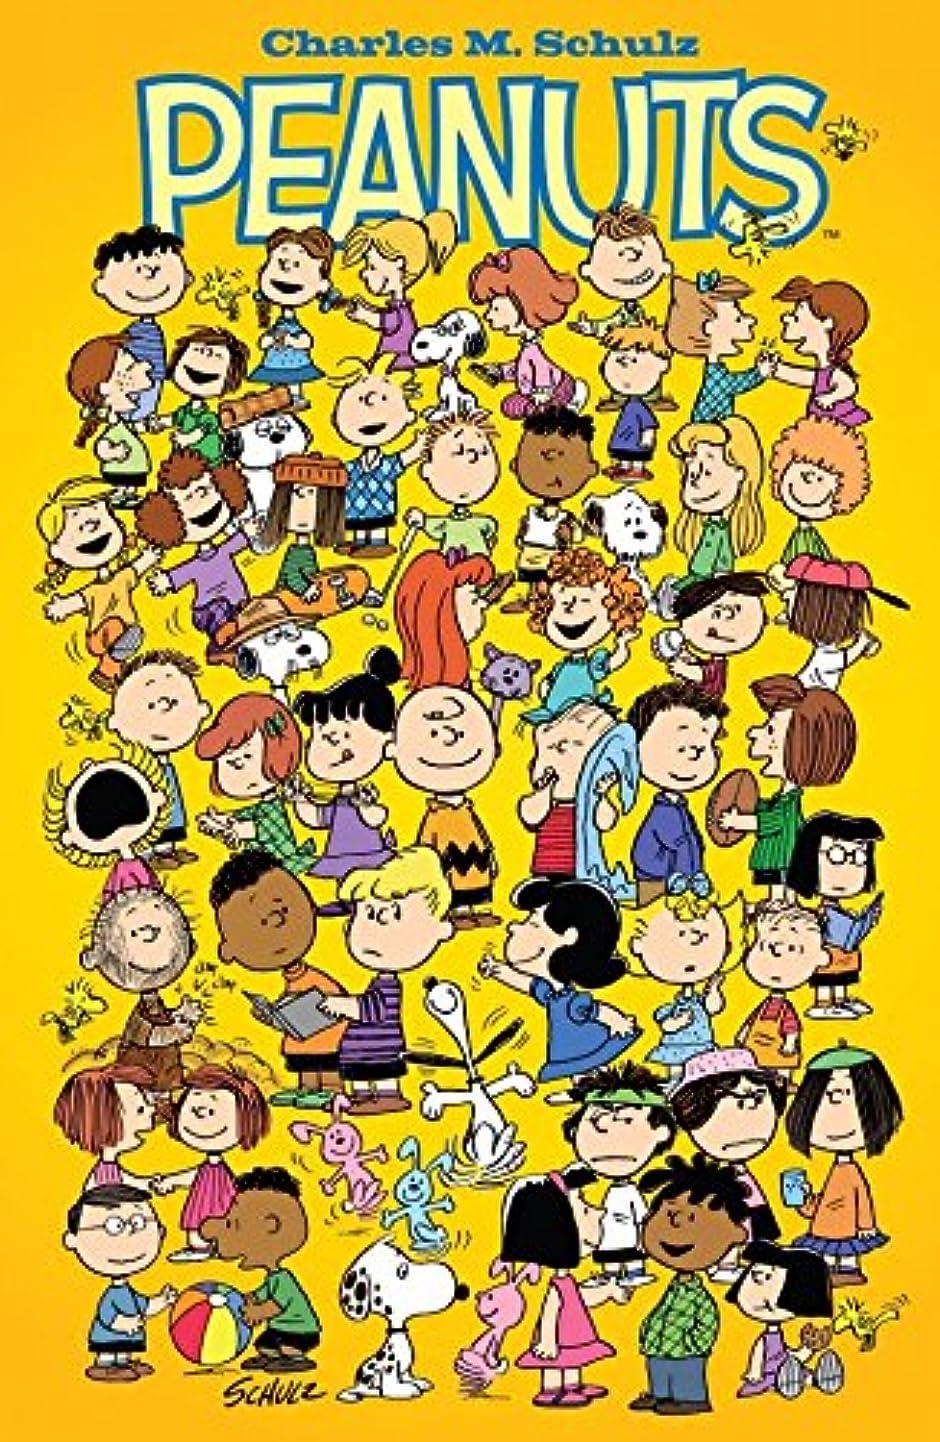 受け入れる酸っぱい広告主Peanuts Vol. 1 (English Edition)